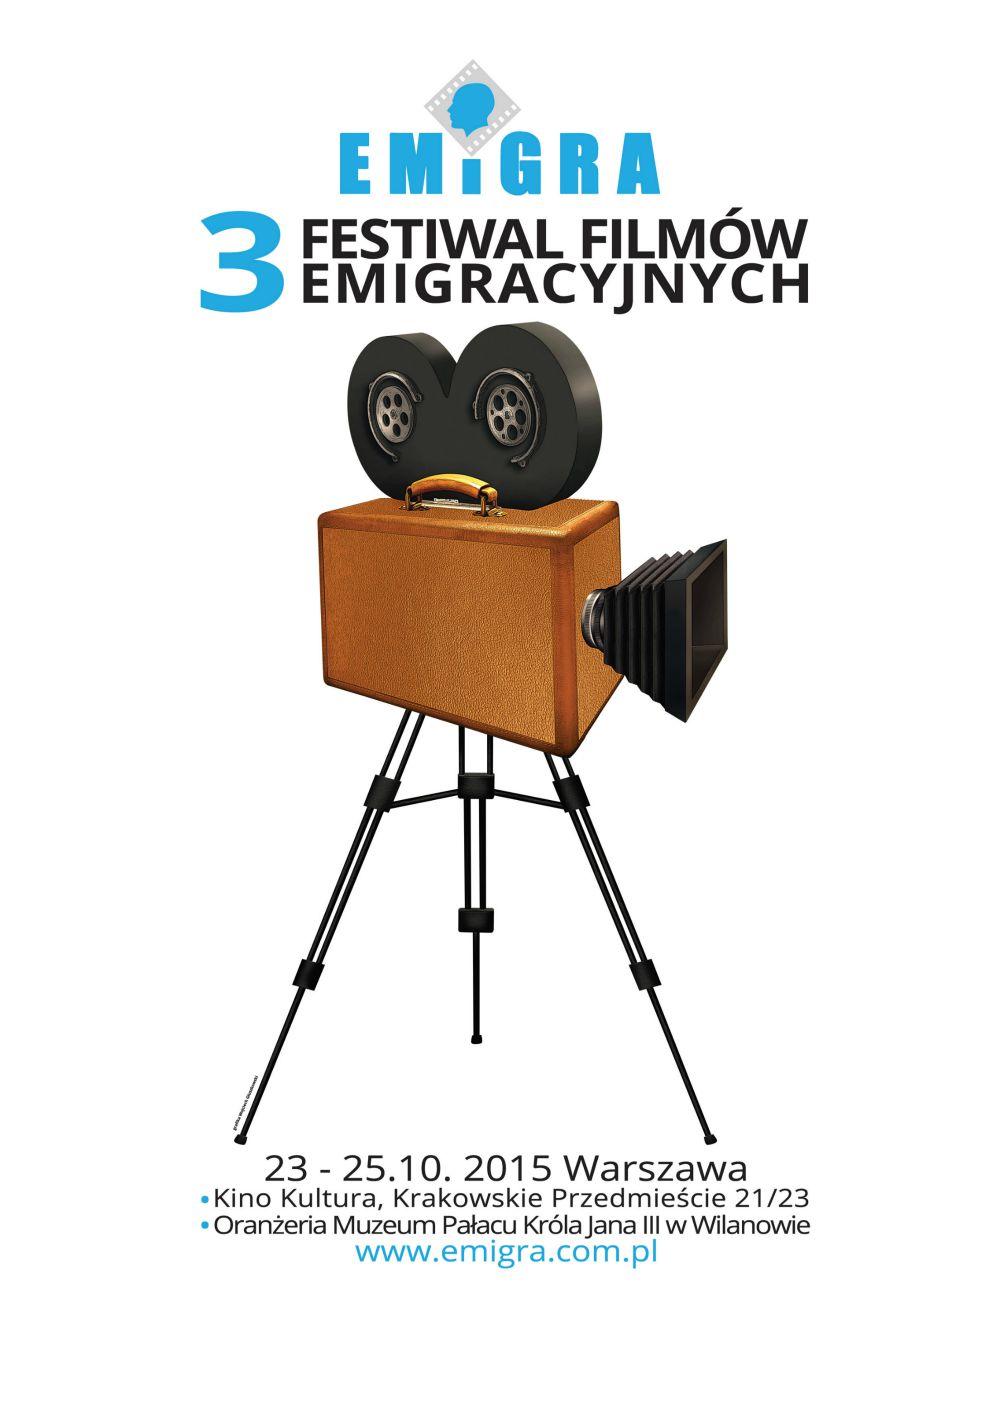 Zgłoszenia na Festiwal Filmów Emigracyjnych EMiGRA